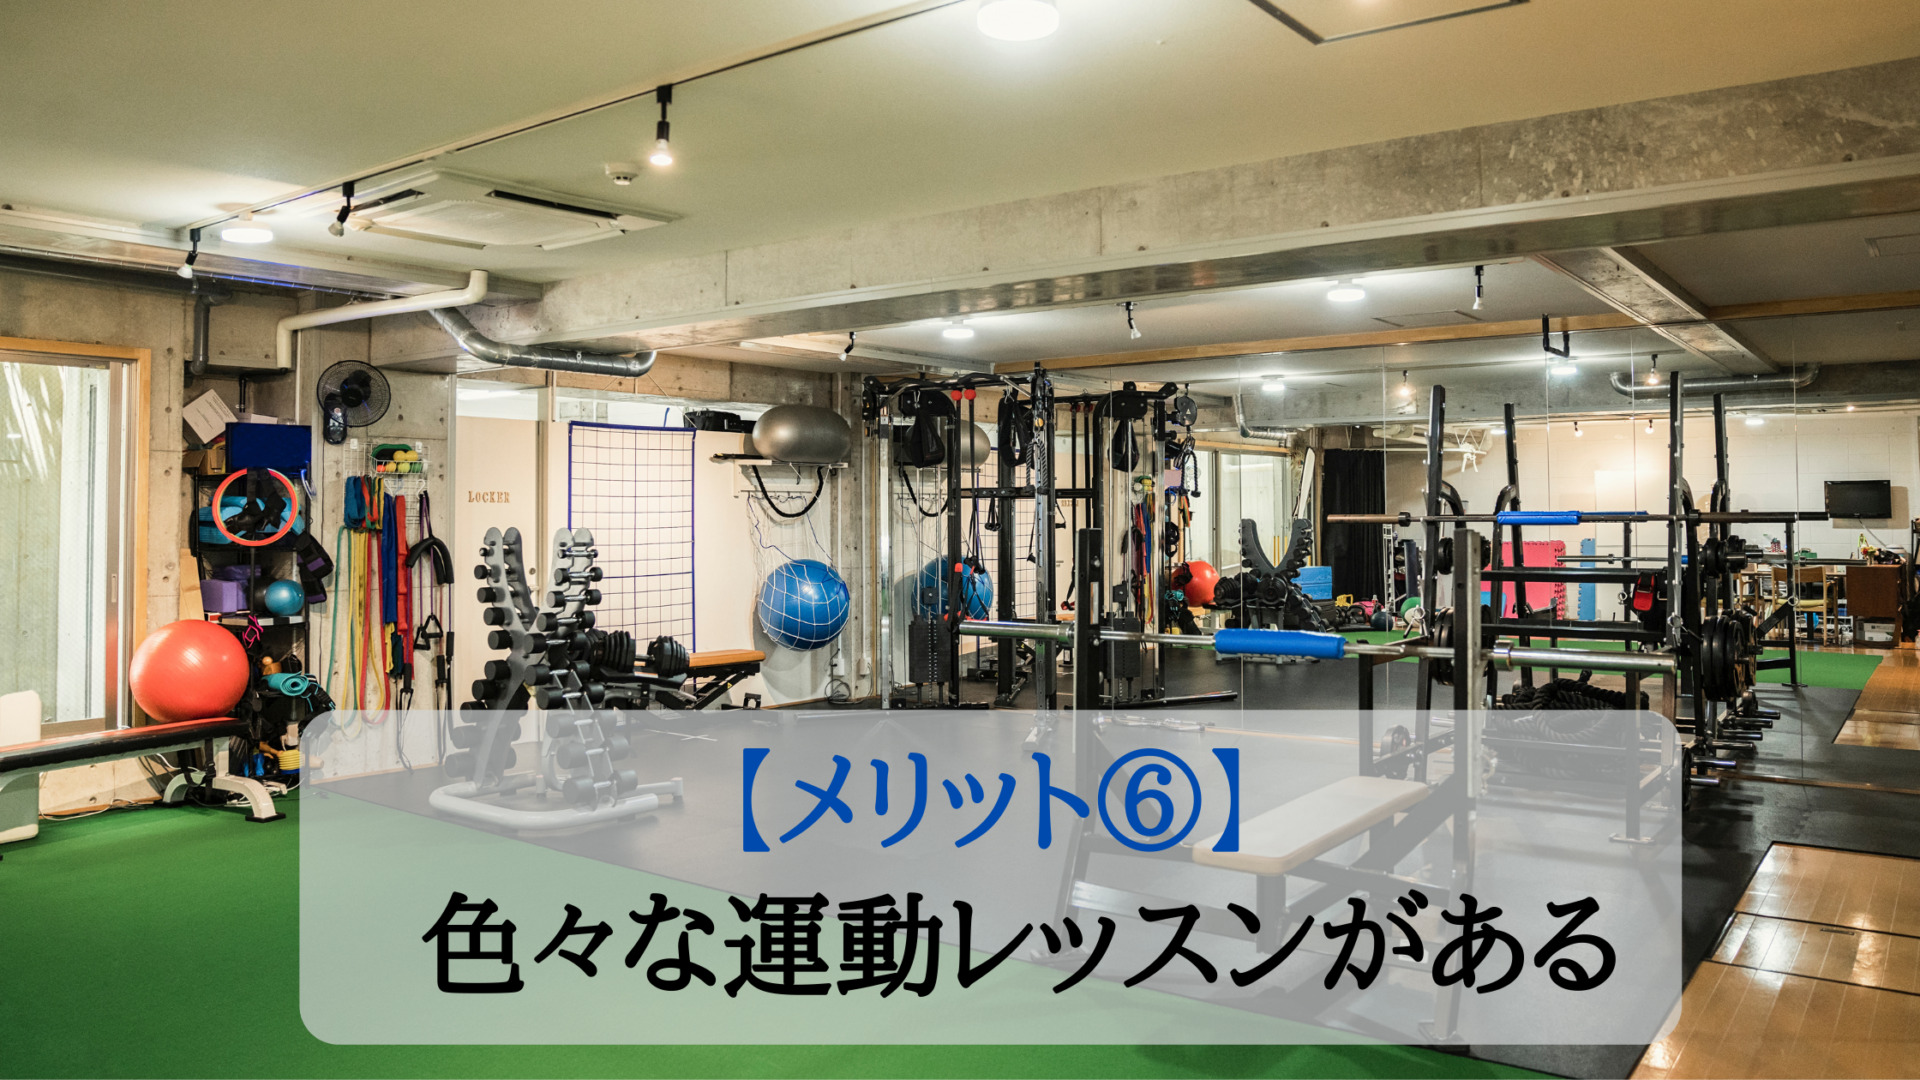 メリット⑥:様々な運動レッスンに参加することができる